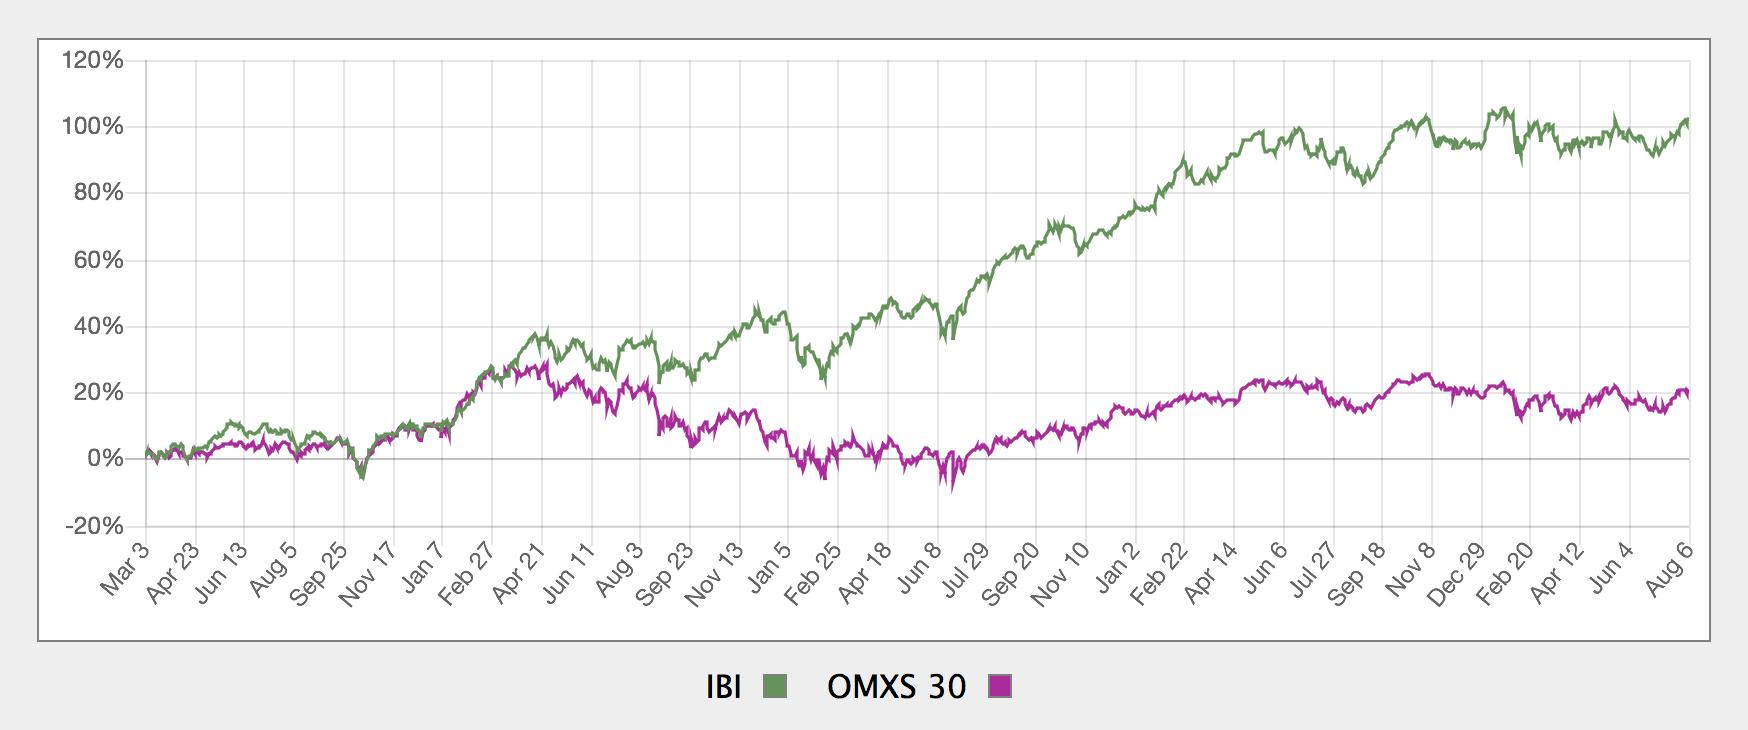 Investmentbolag jämfört med index OMXS30